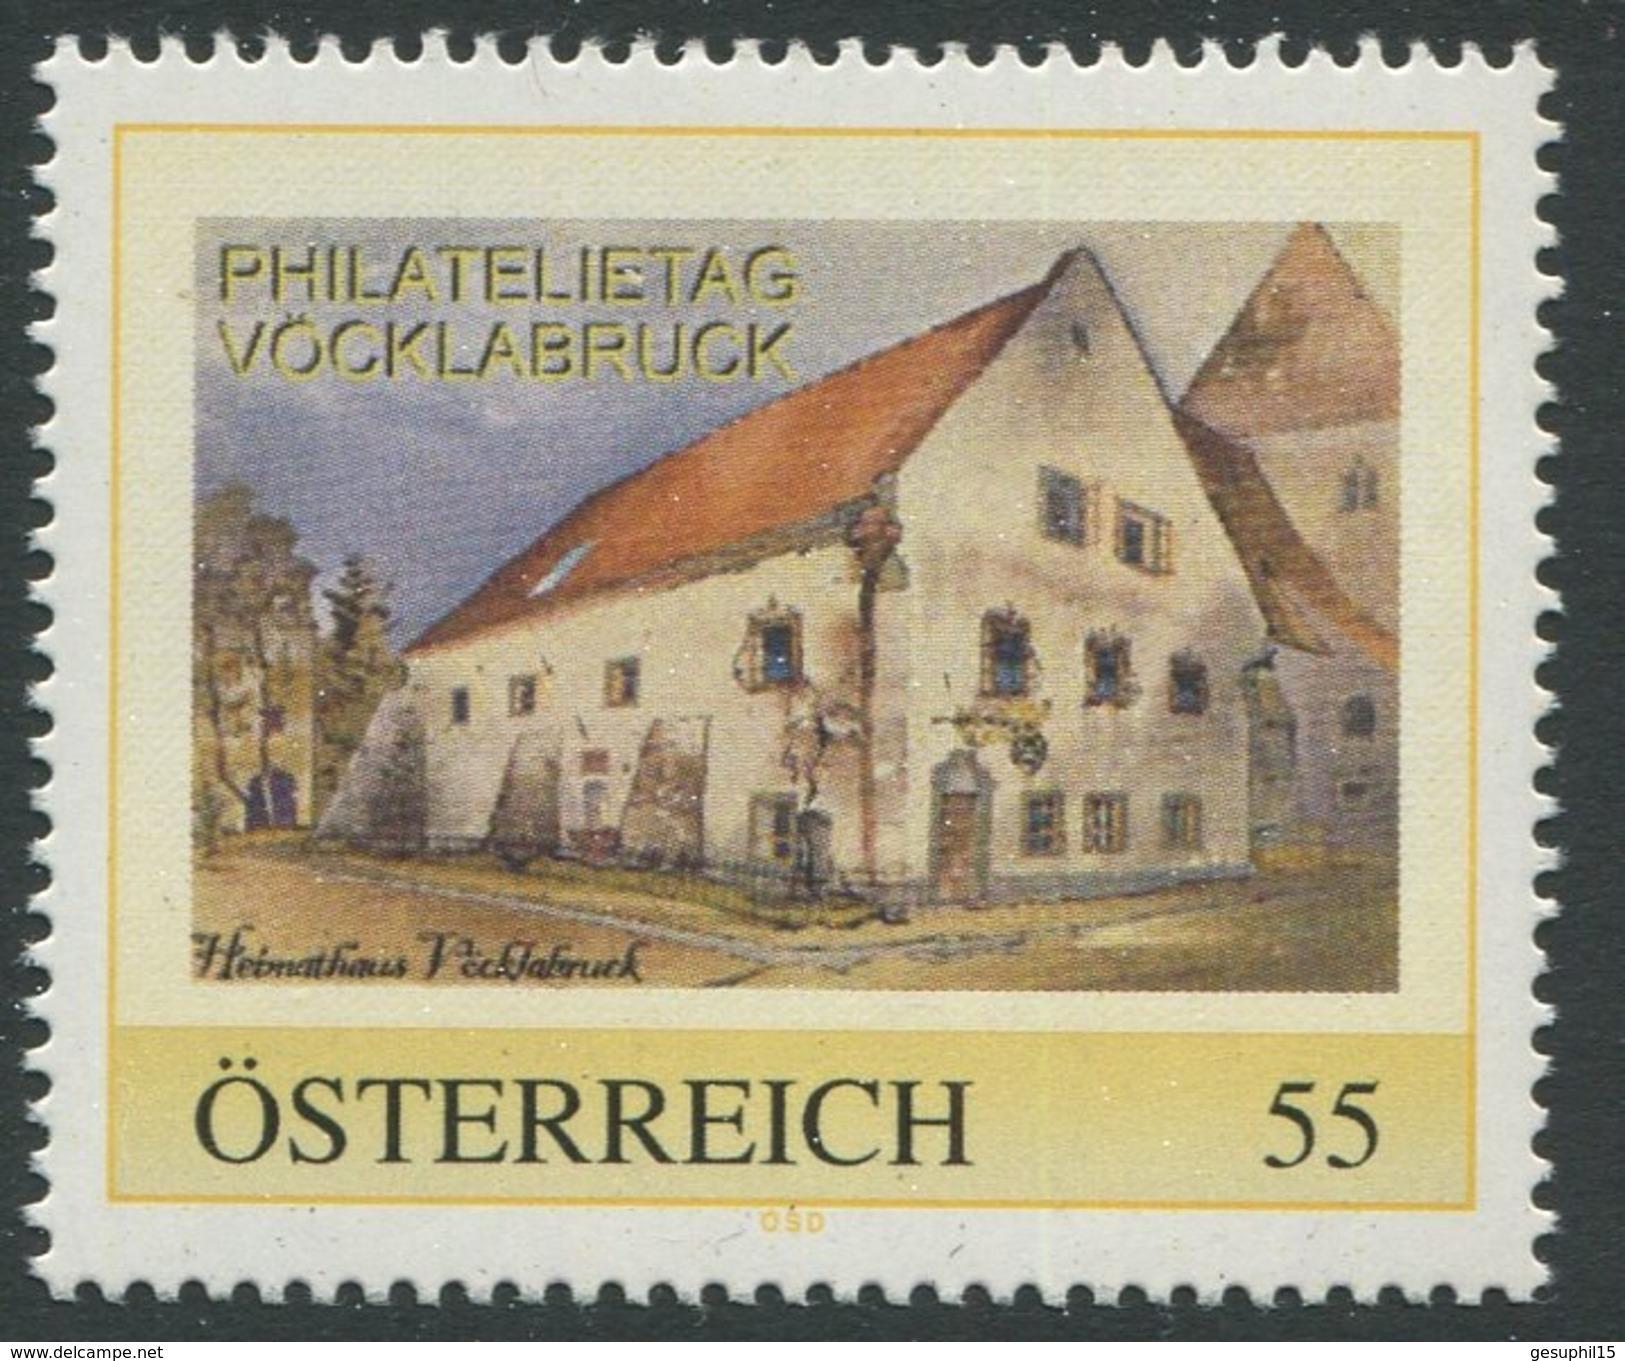 ÖSTERREICH / Philatelietag Vöcklabruck / Postfrisch / ** / MNH - Österreich